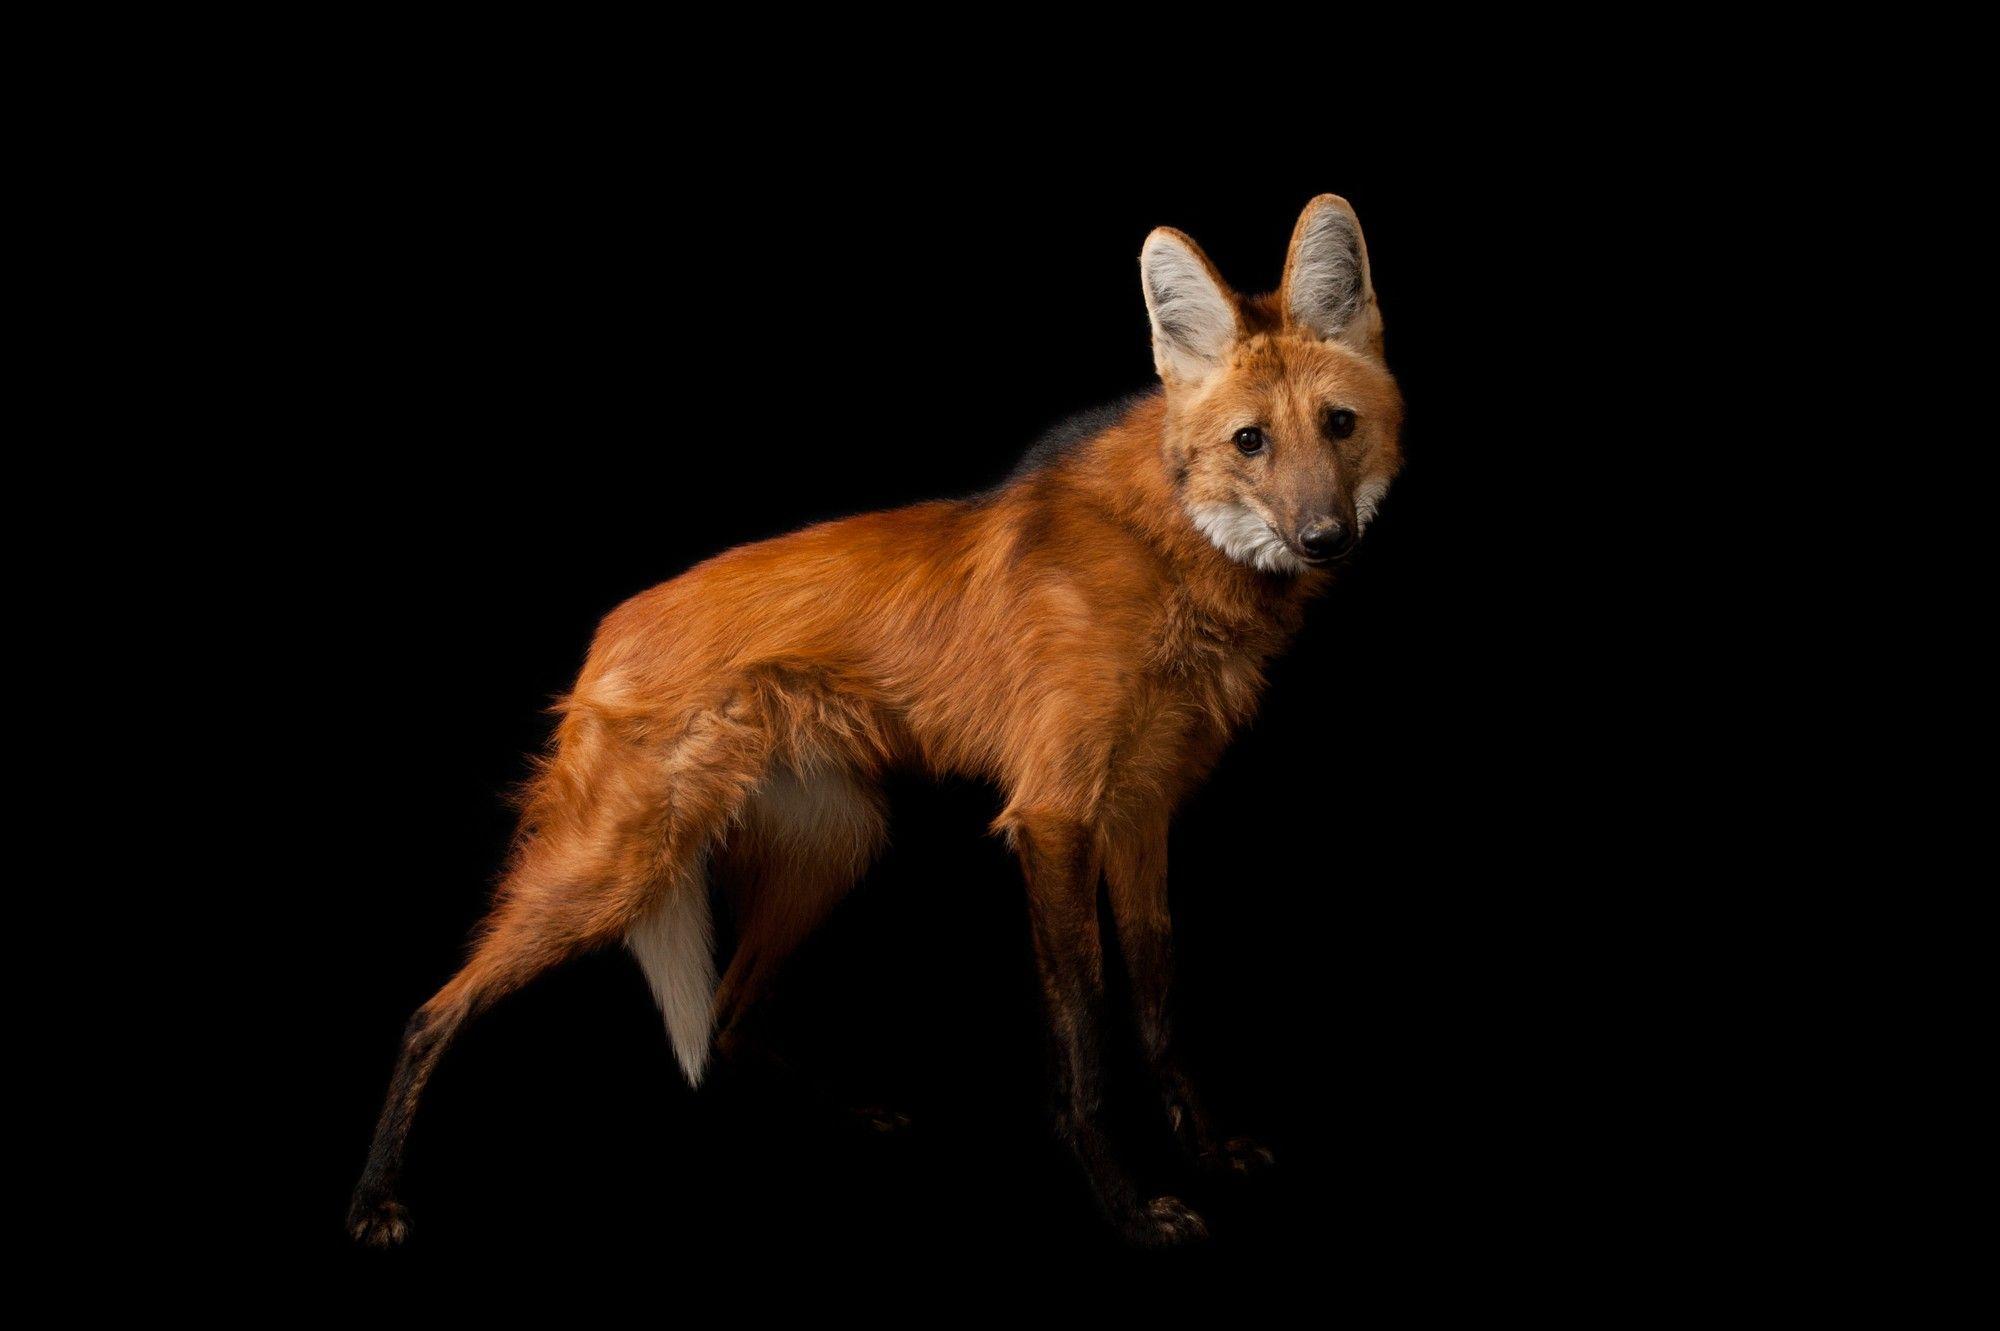 Galeria de fotos: 11 animais encontrados no Cerrado | National Geographic